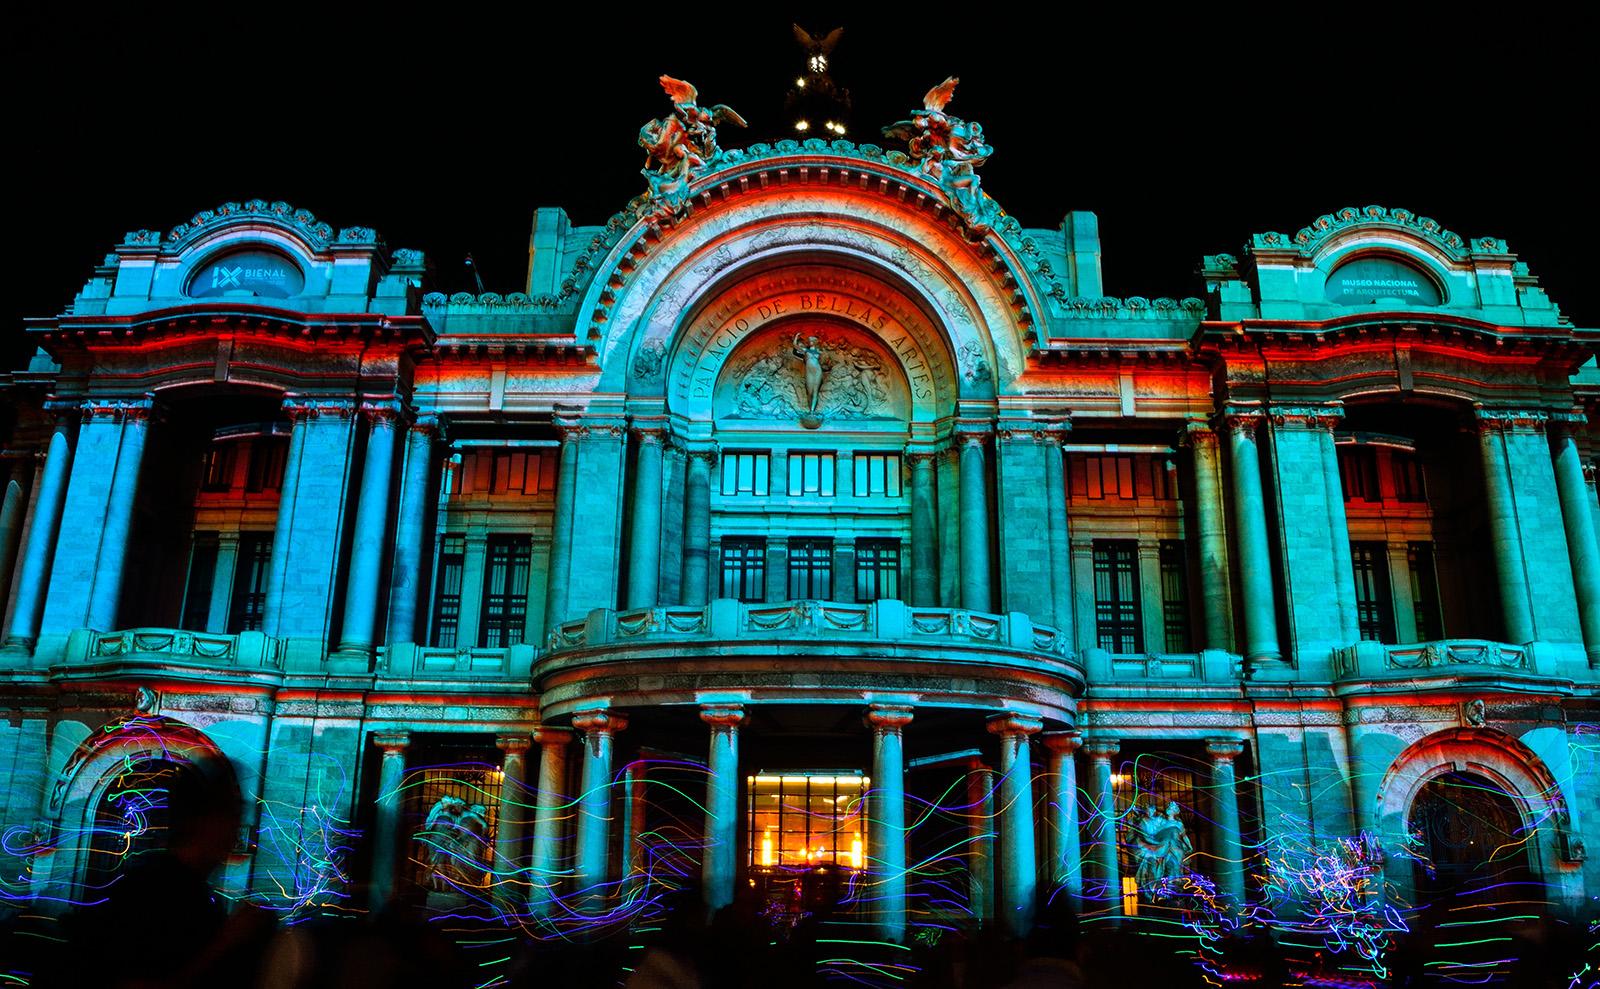 neon-colored video mapping on the Palacio de Bellas Artes in Ciudad de México, Mexico